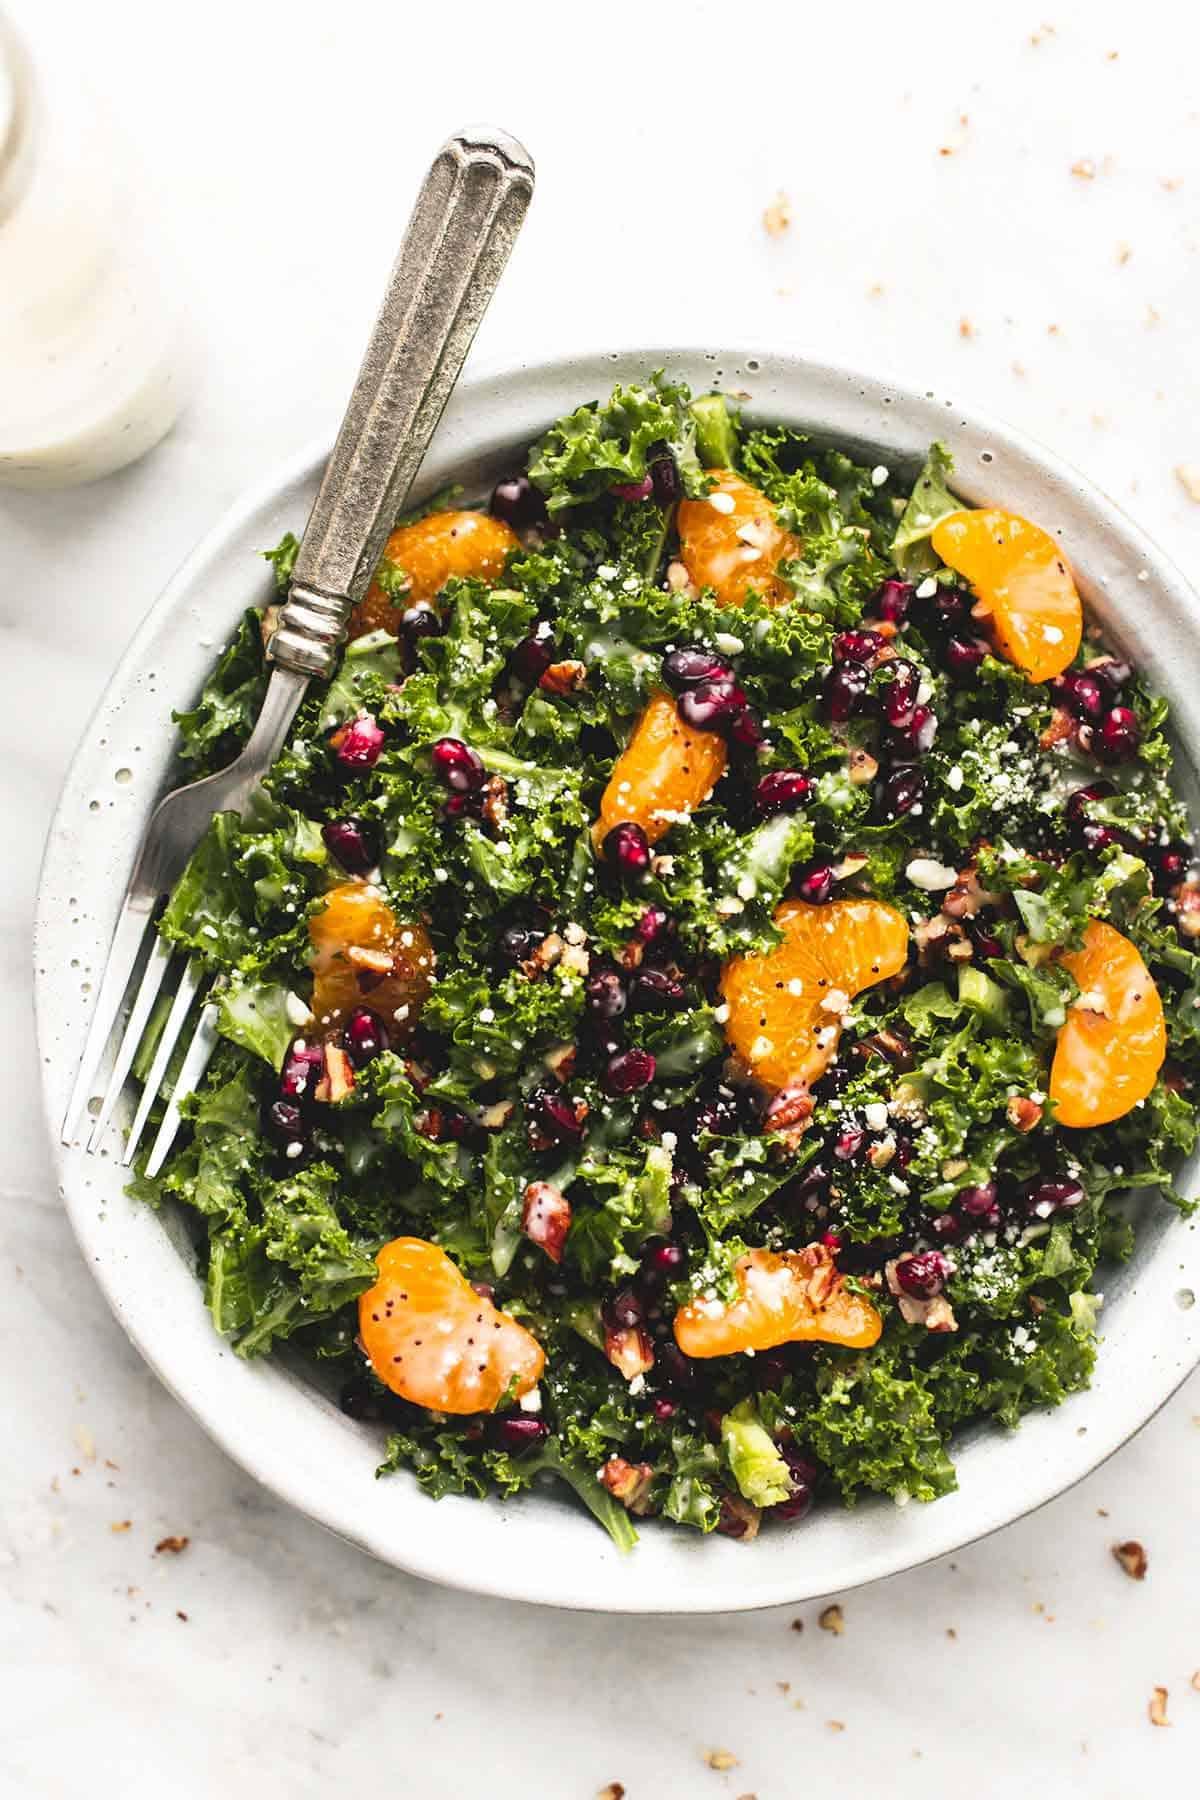 Mandarin Pomegranate Chopped Kale Salad  with Lemony Poppyseed Dressing | lecremedelacrumb.com